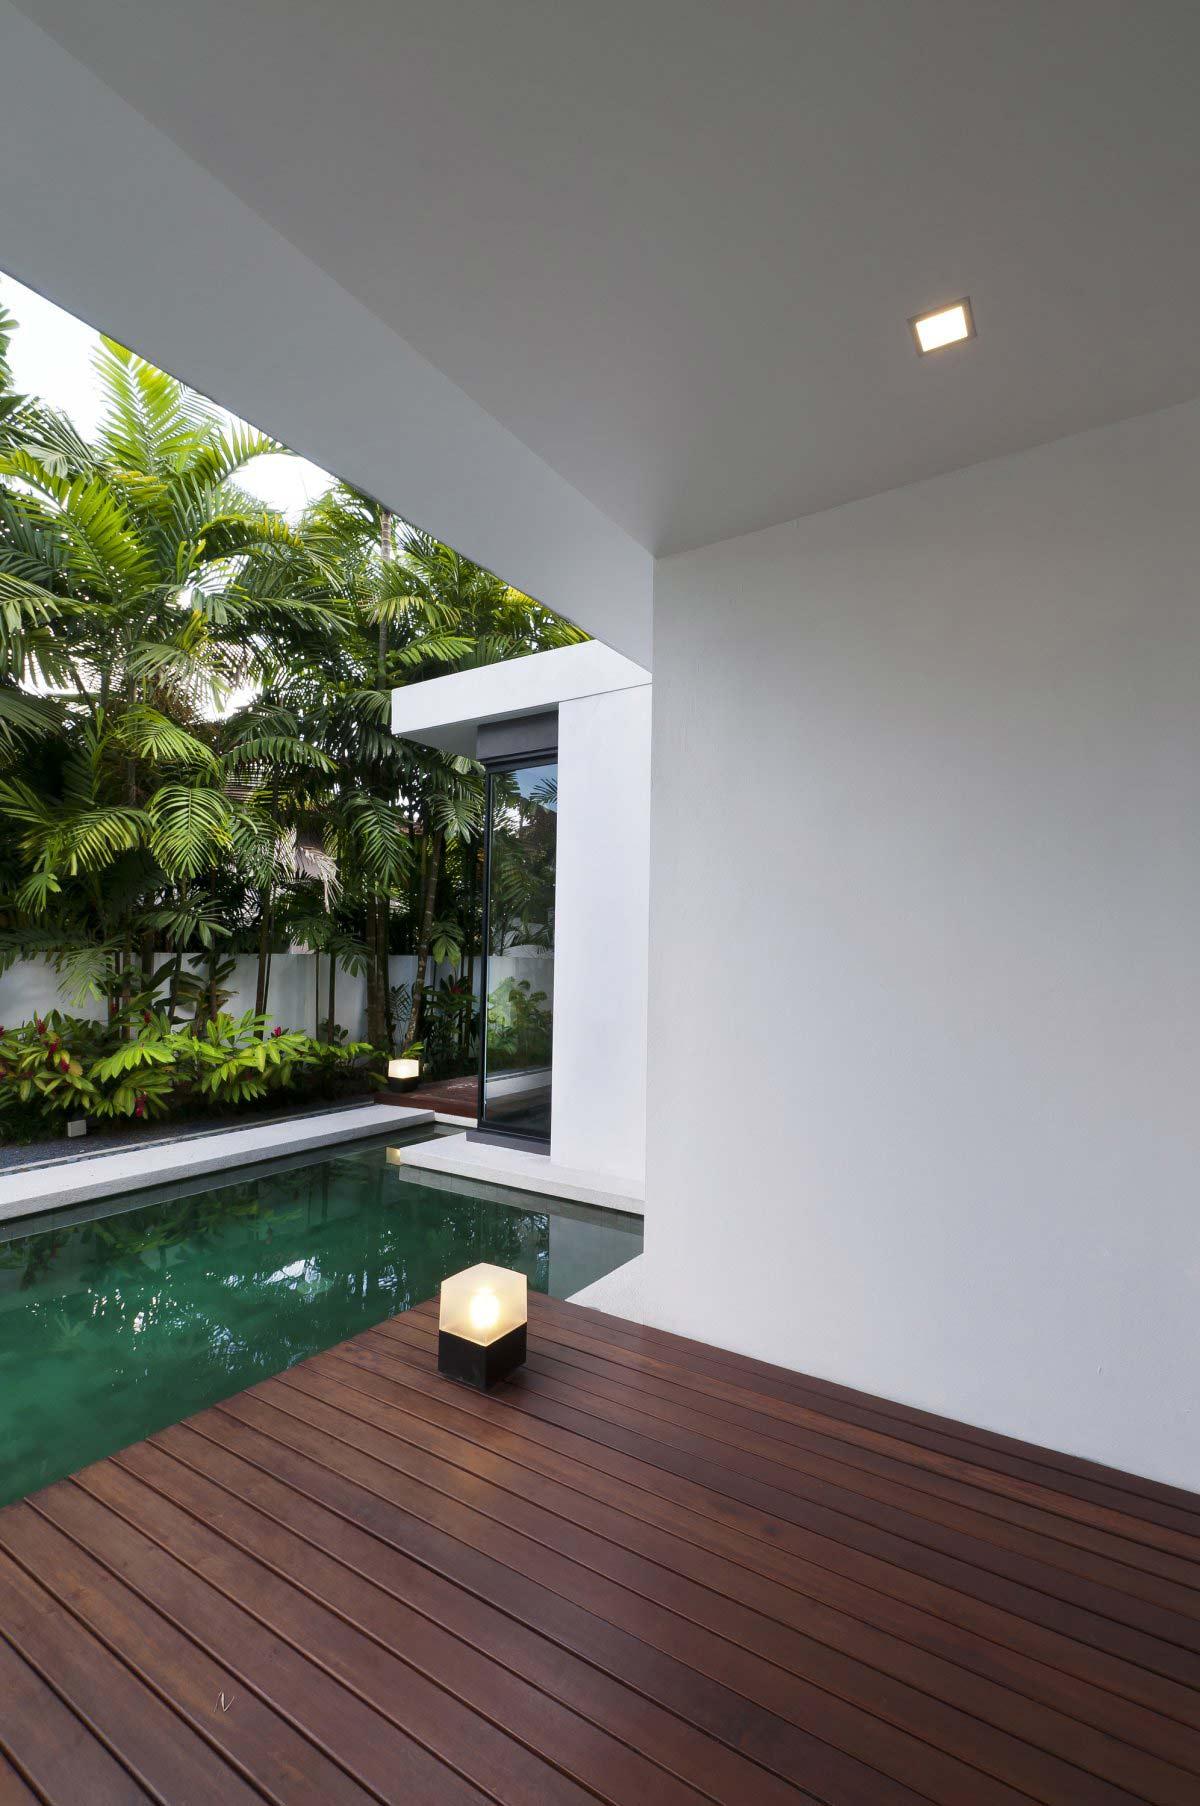 Deck, Pool, Modern Home in Kuala Lumpur